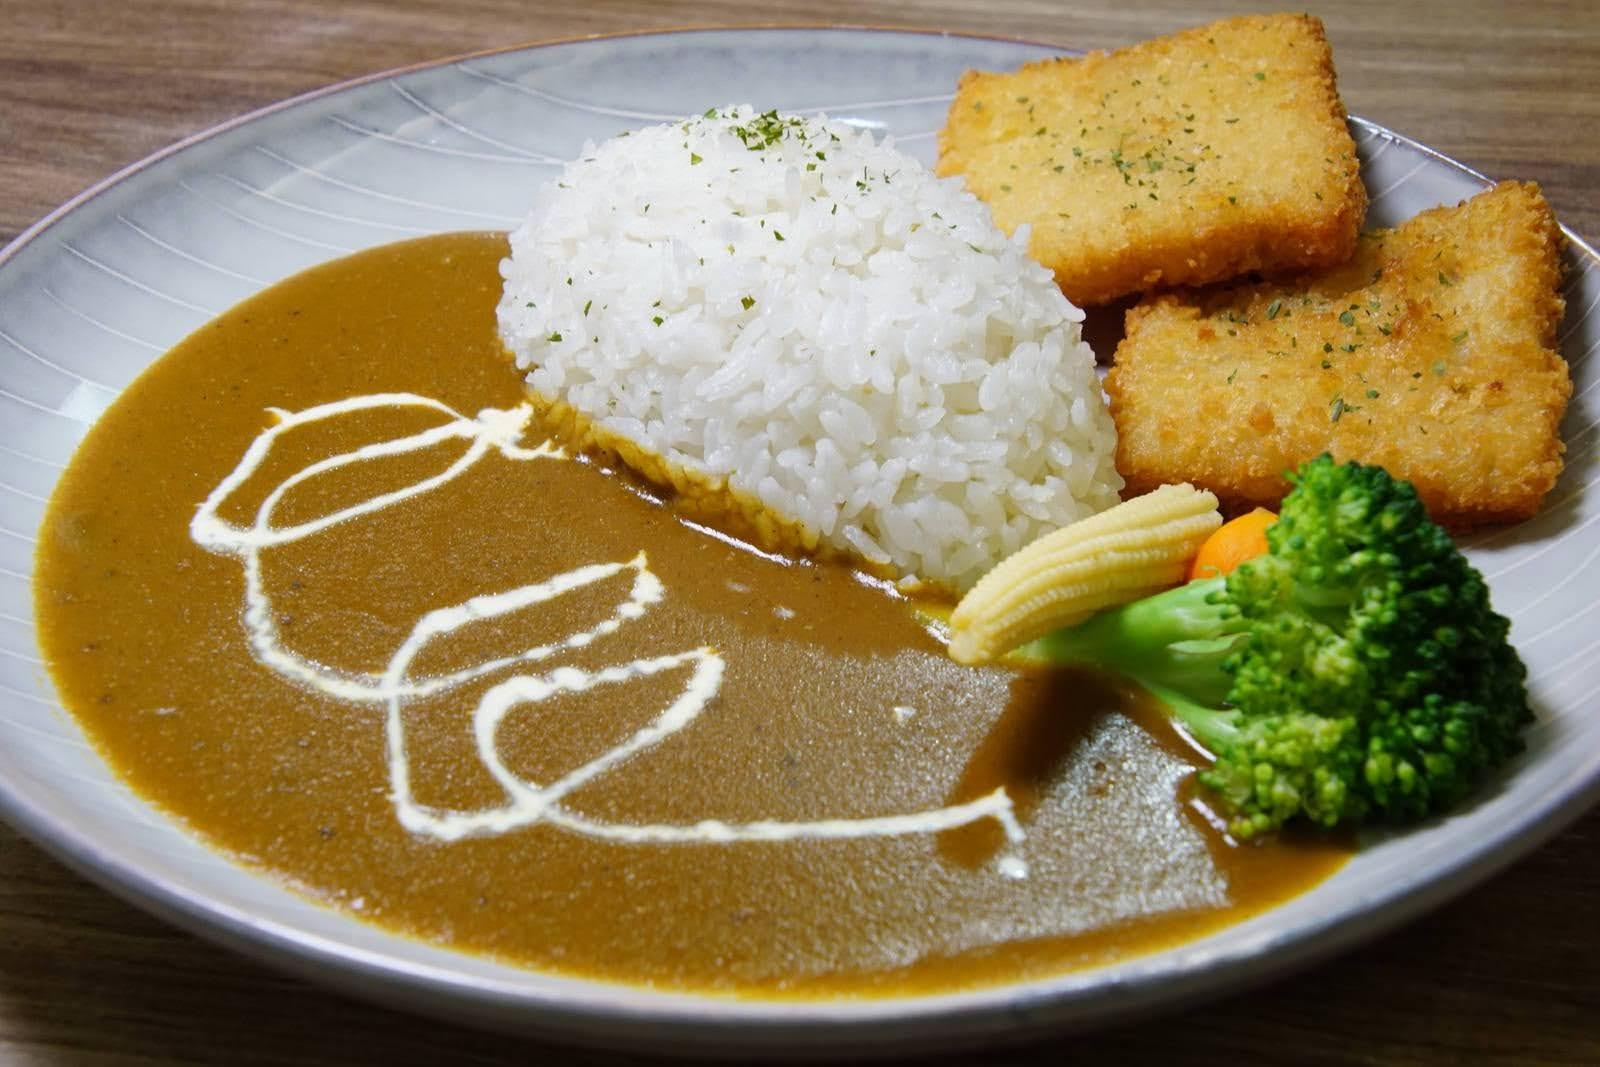 [台南][中西區] Hi!咖哩|炸物本舖|水果濃醬咖哩與炸物的絕妙搭配|鍋燒意麵意外地美味|食記